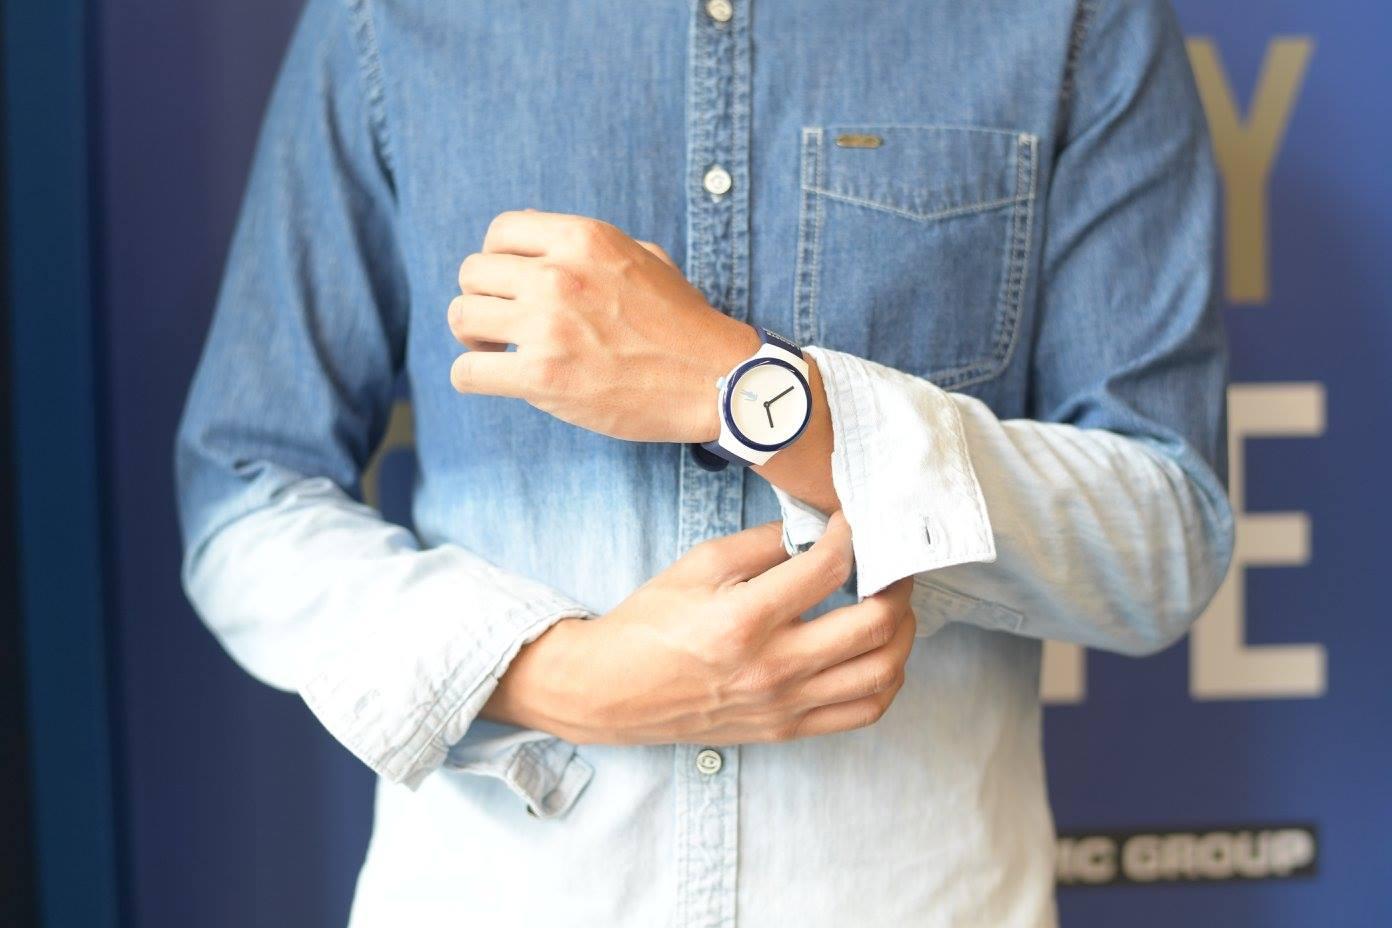 วิธีการเลือกนาฬิกาให้เหมาะกับไลฟ์สไตล์เรา?